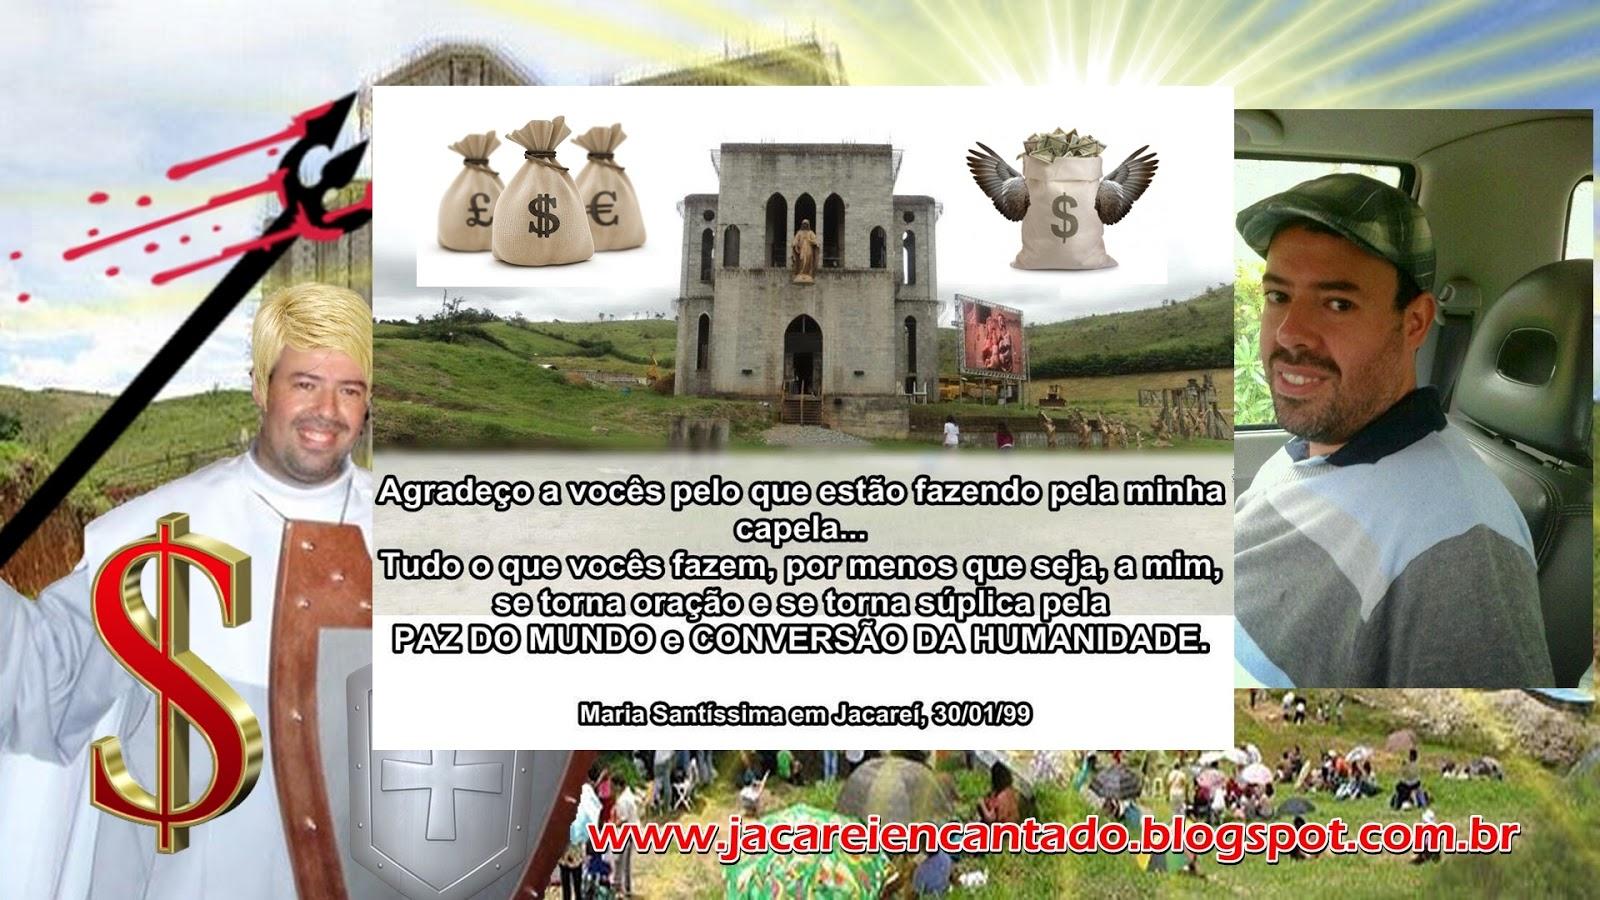 www.jacareiencantado.blogspot.com.br